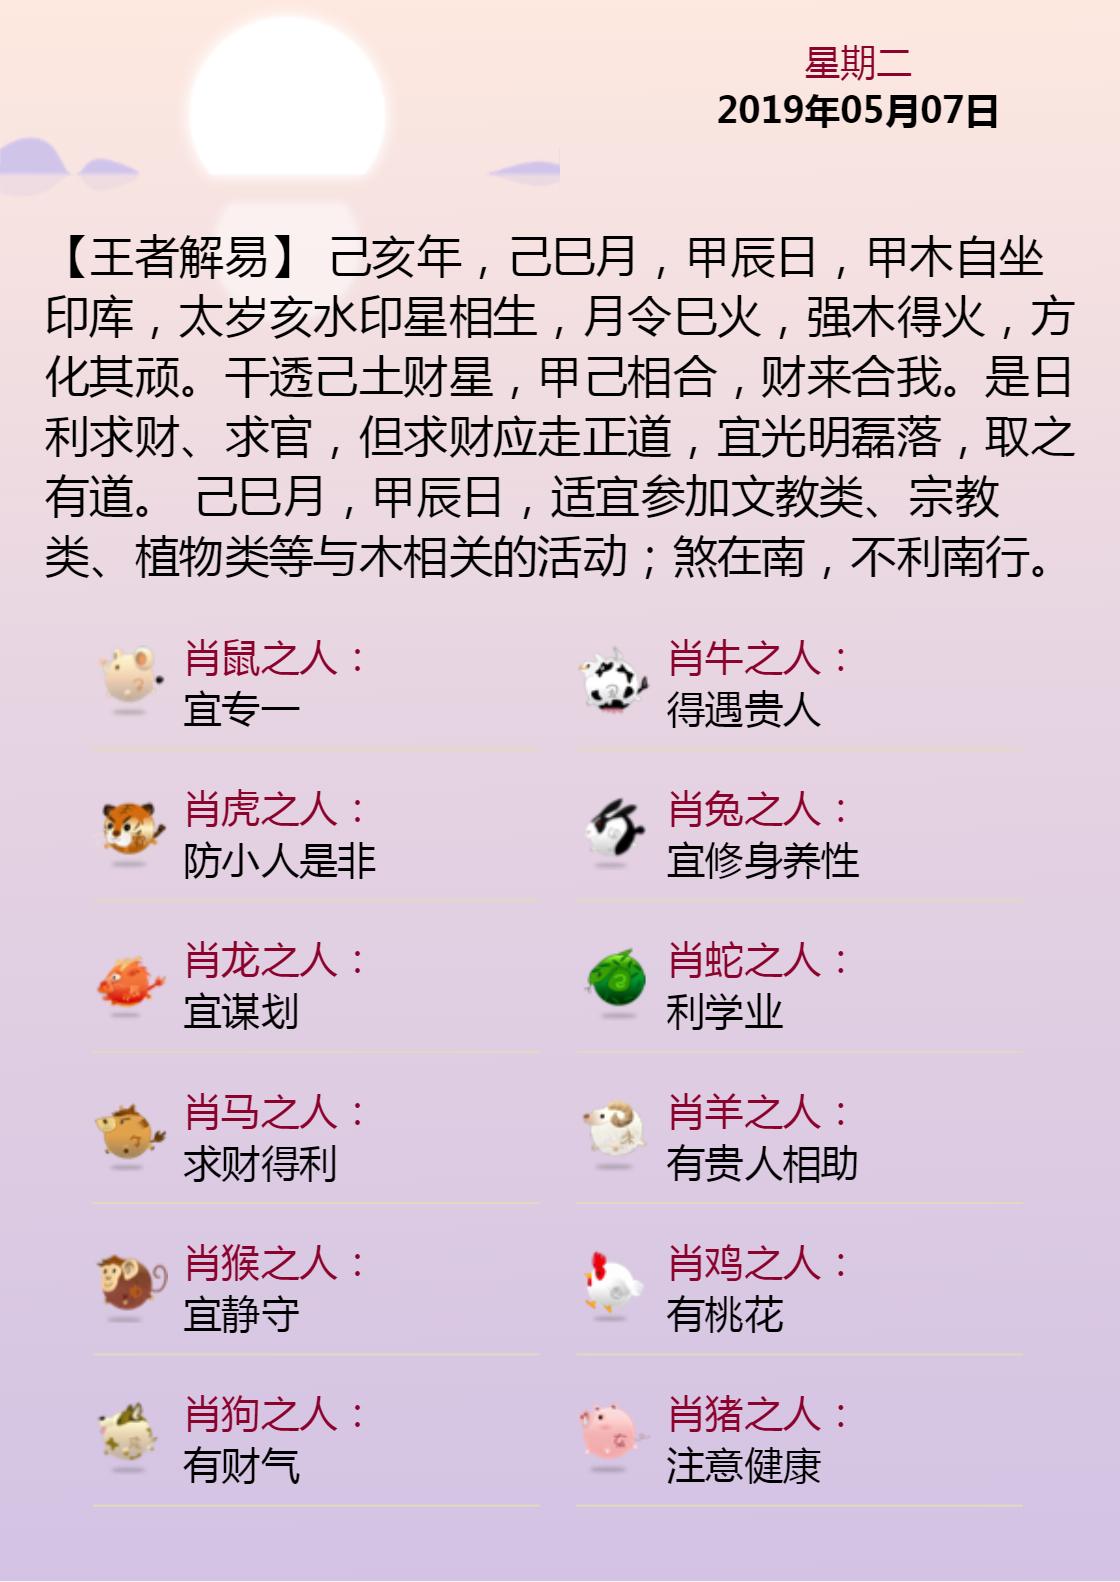 黄历海报20190507.png